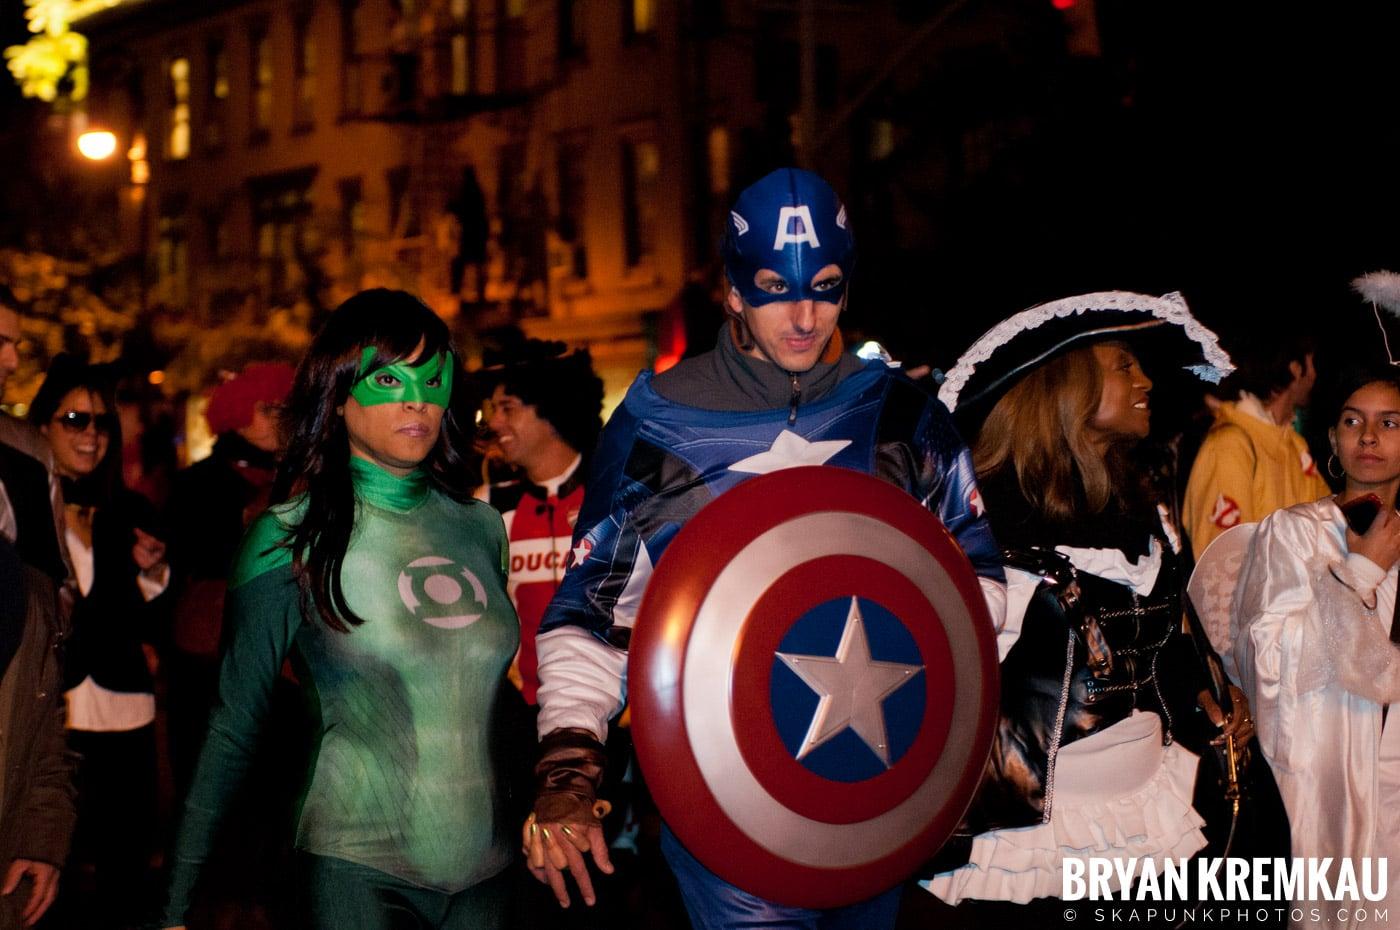 NYC Halloween Parade 2011 @ New York, NY - 10.31.11 (34)